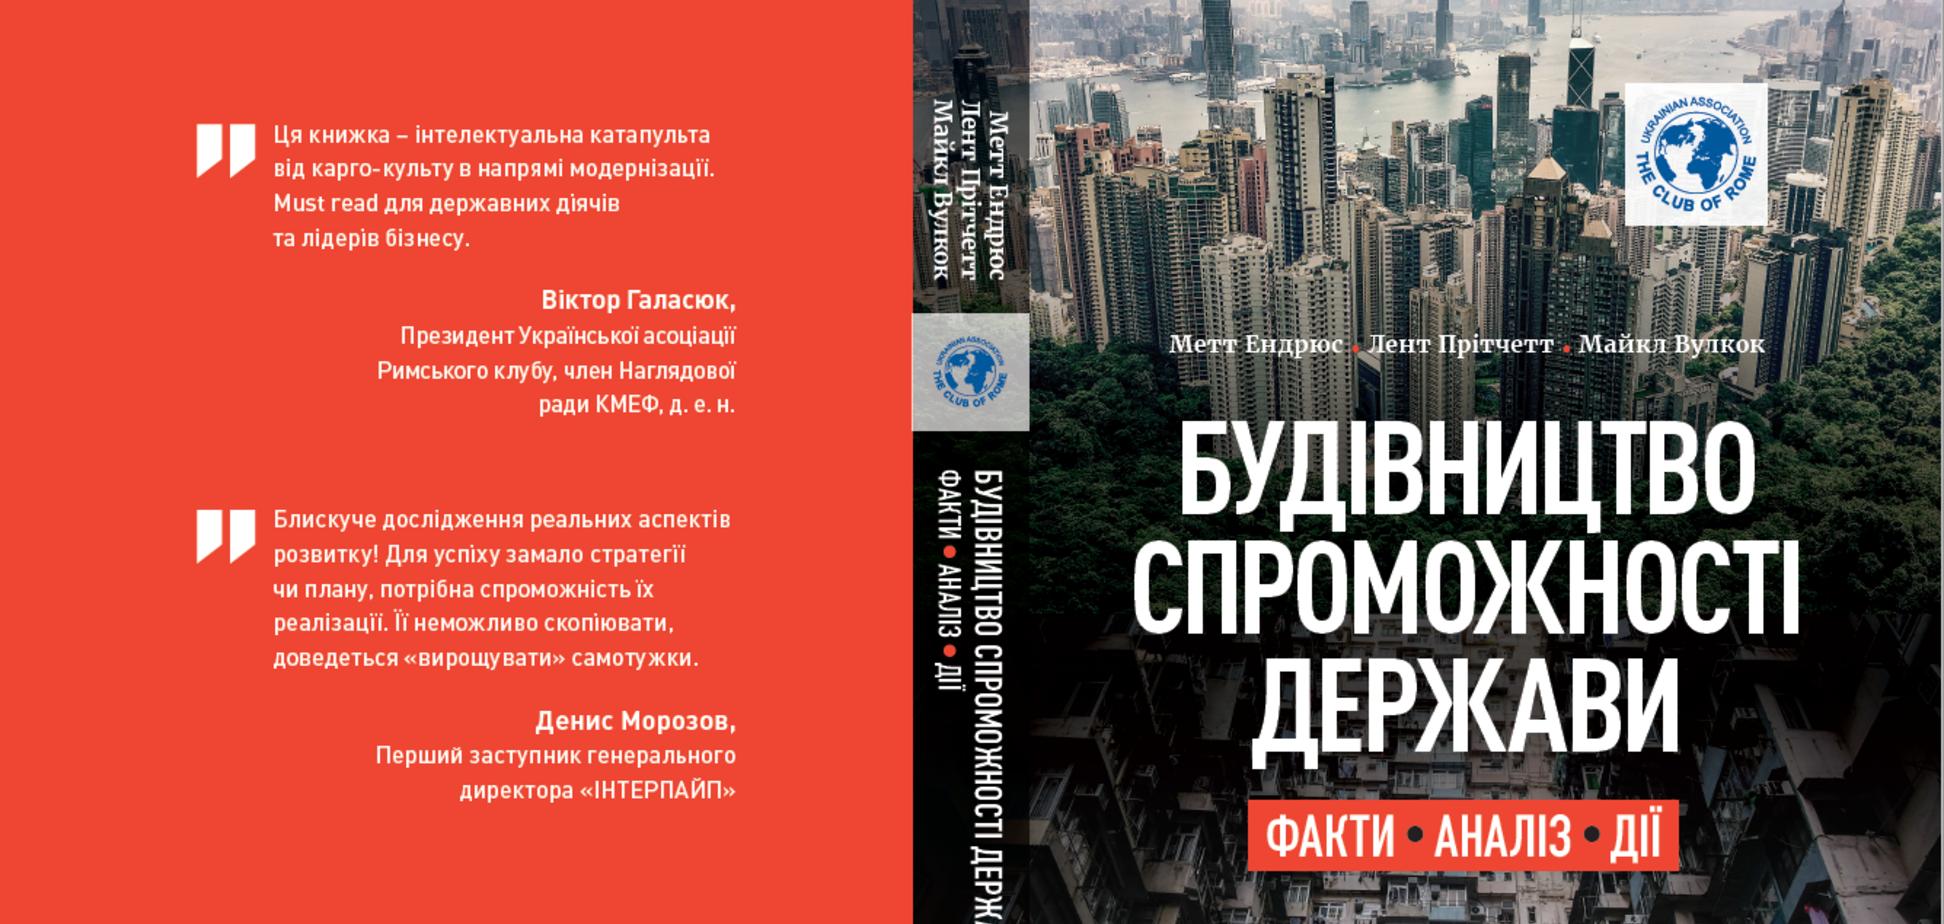 Украинская ассоциация Римского клуба издала книгу 'Строительство способности государства. Факты. Анализ. Действия'.